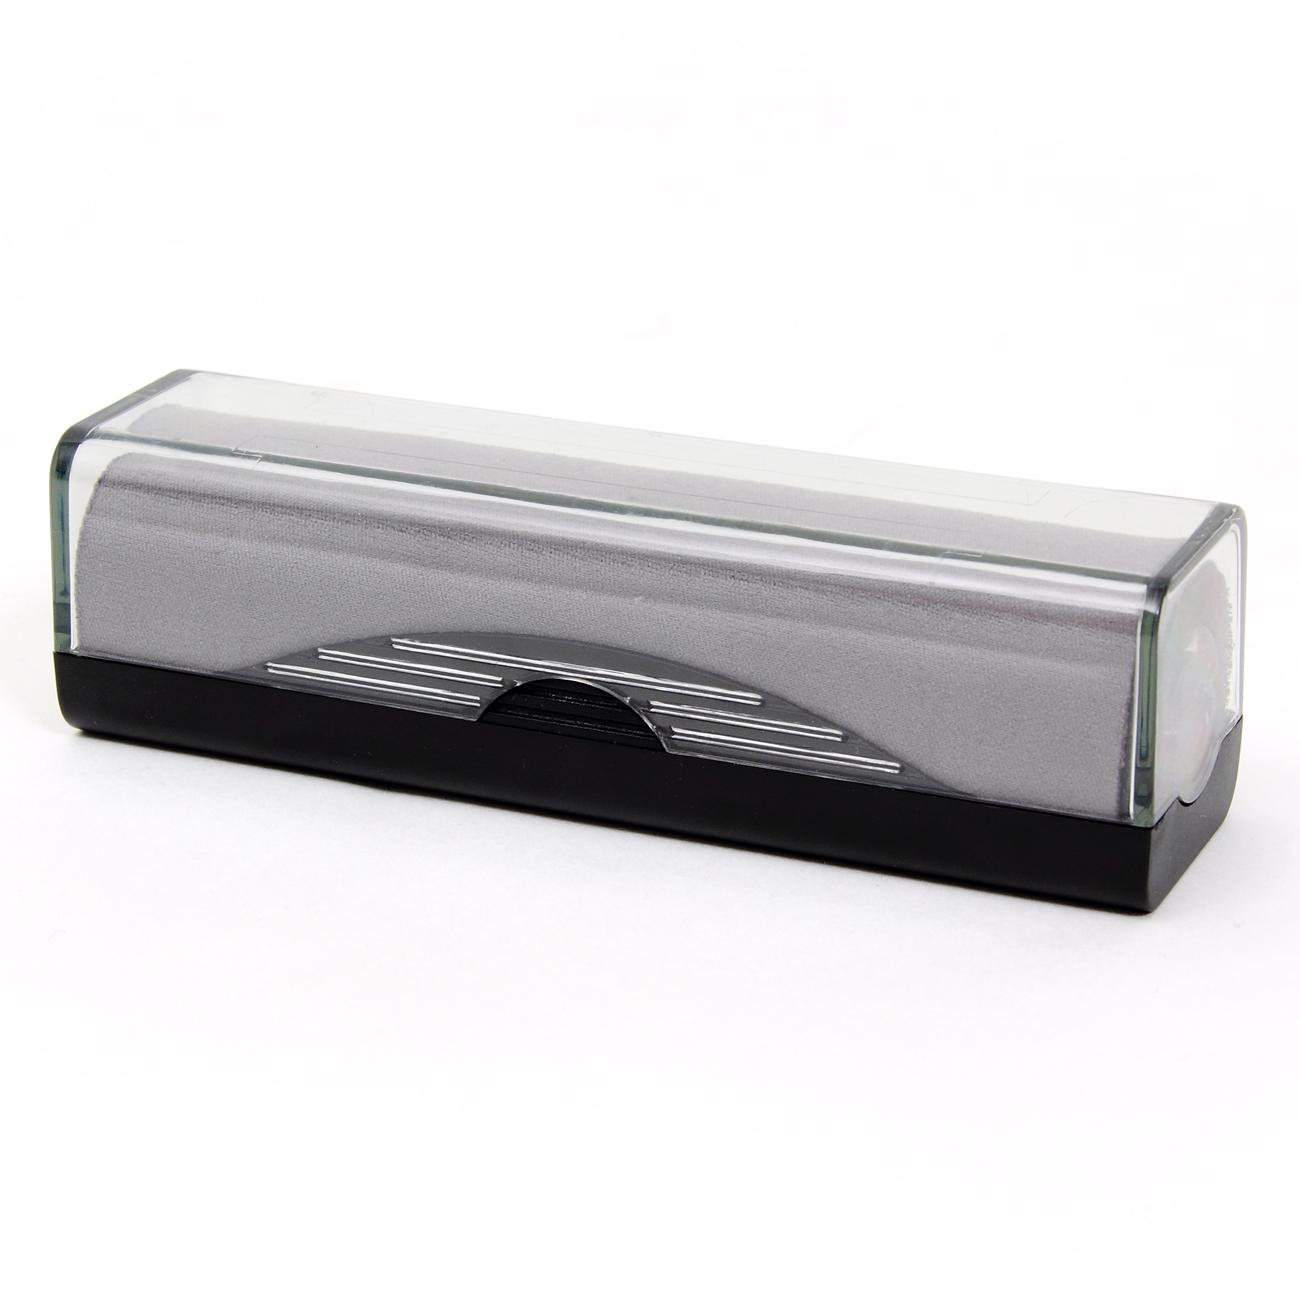 Chiffon, lingette LDLC N-5609 Stick de nettoyage tout-en-un pour tablette tactile et pc portable